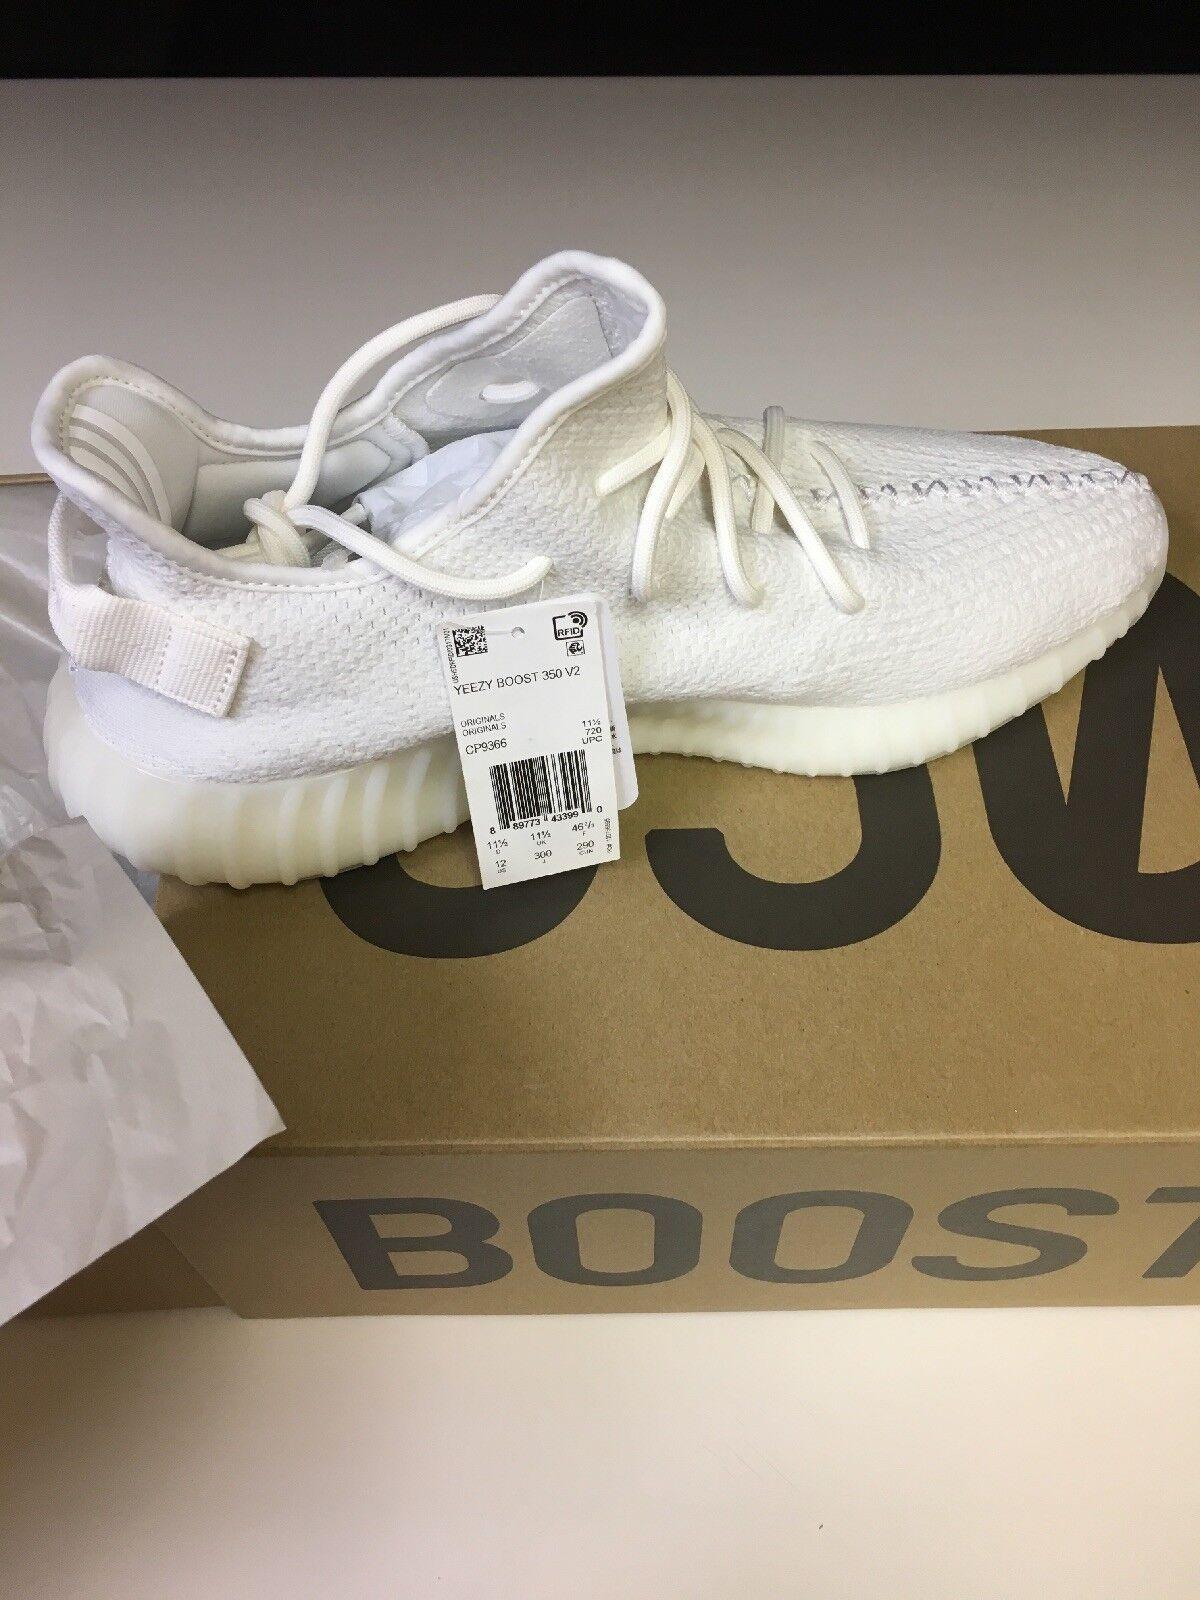 adidas Yeezy Boost 350 V2 hármas fehér.Méret 12